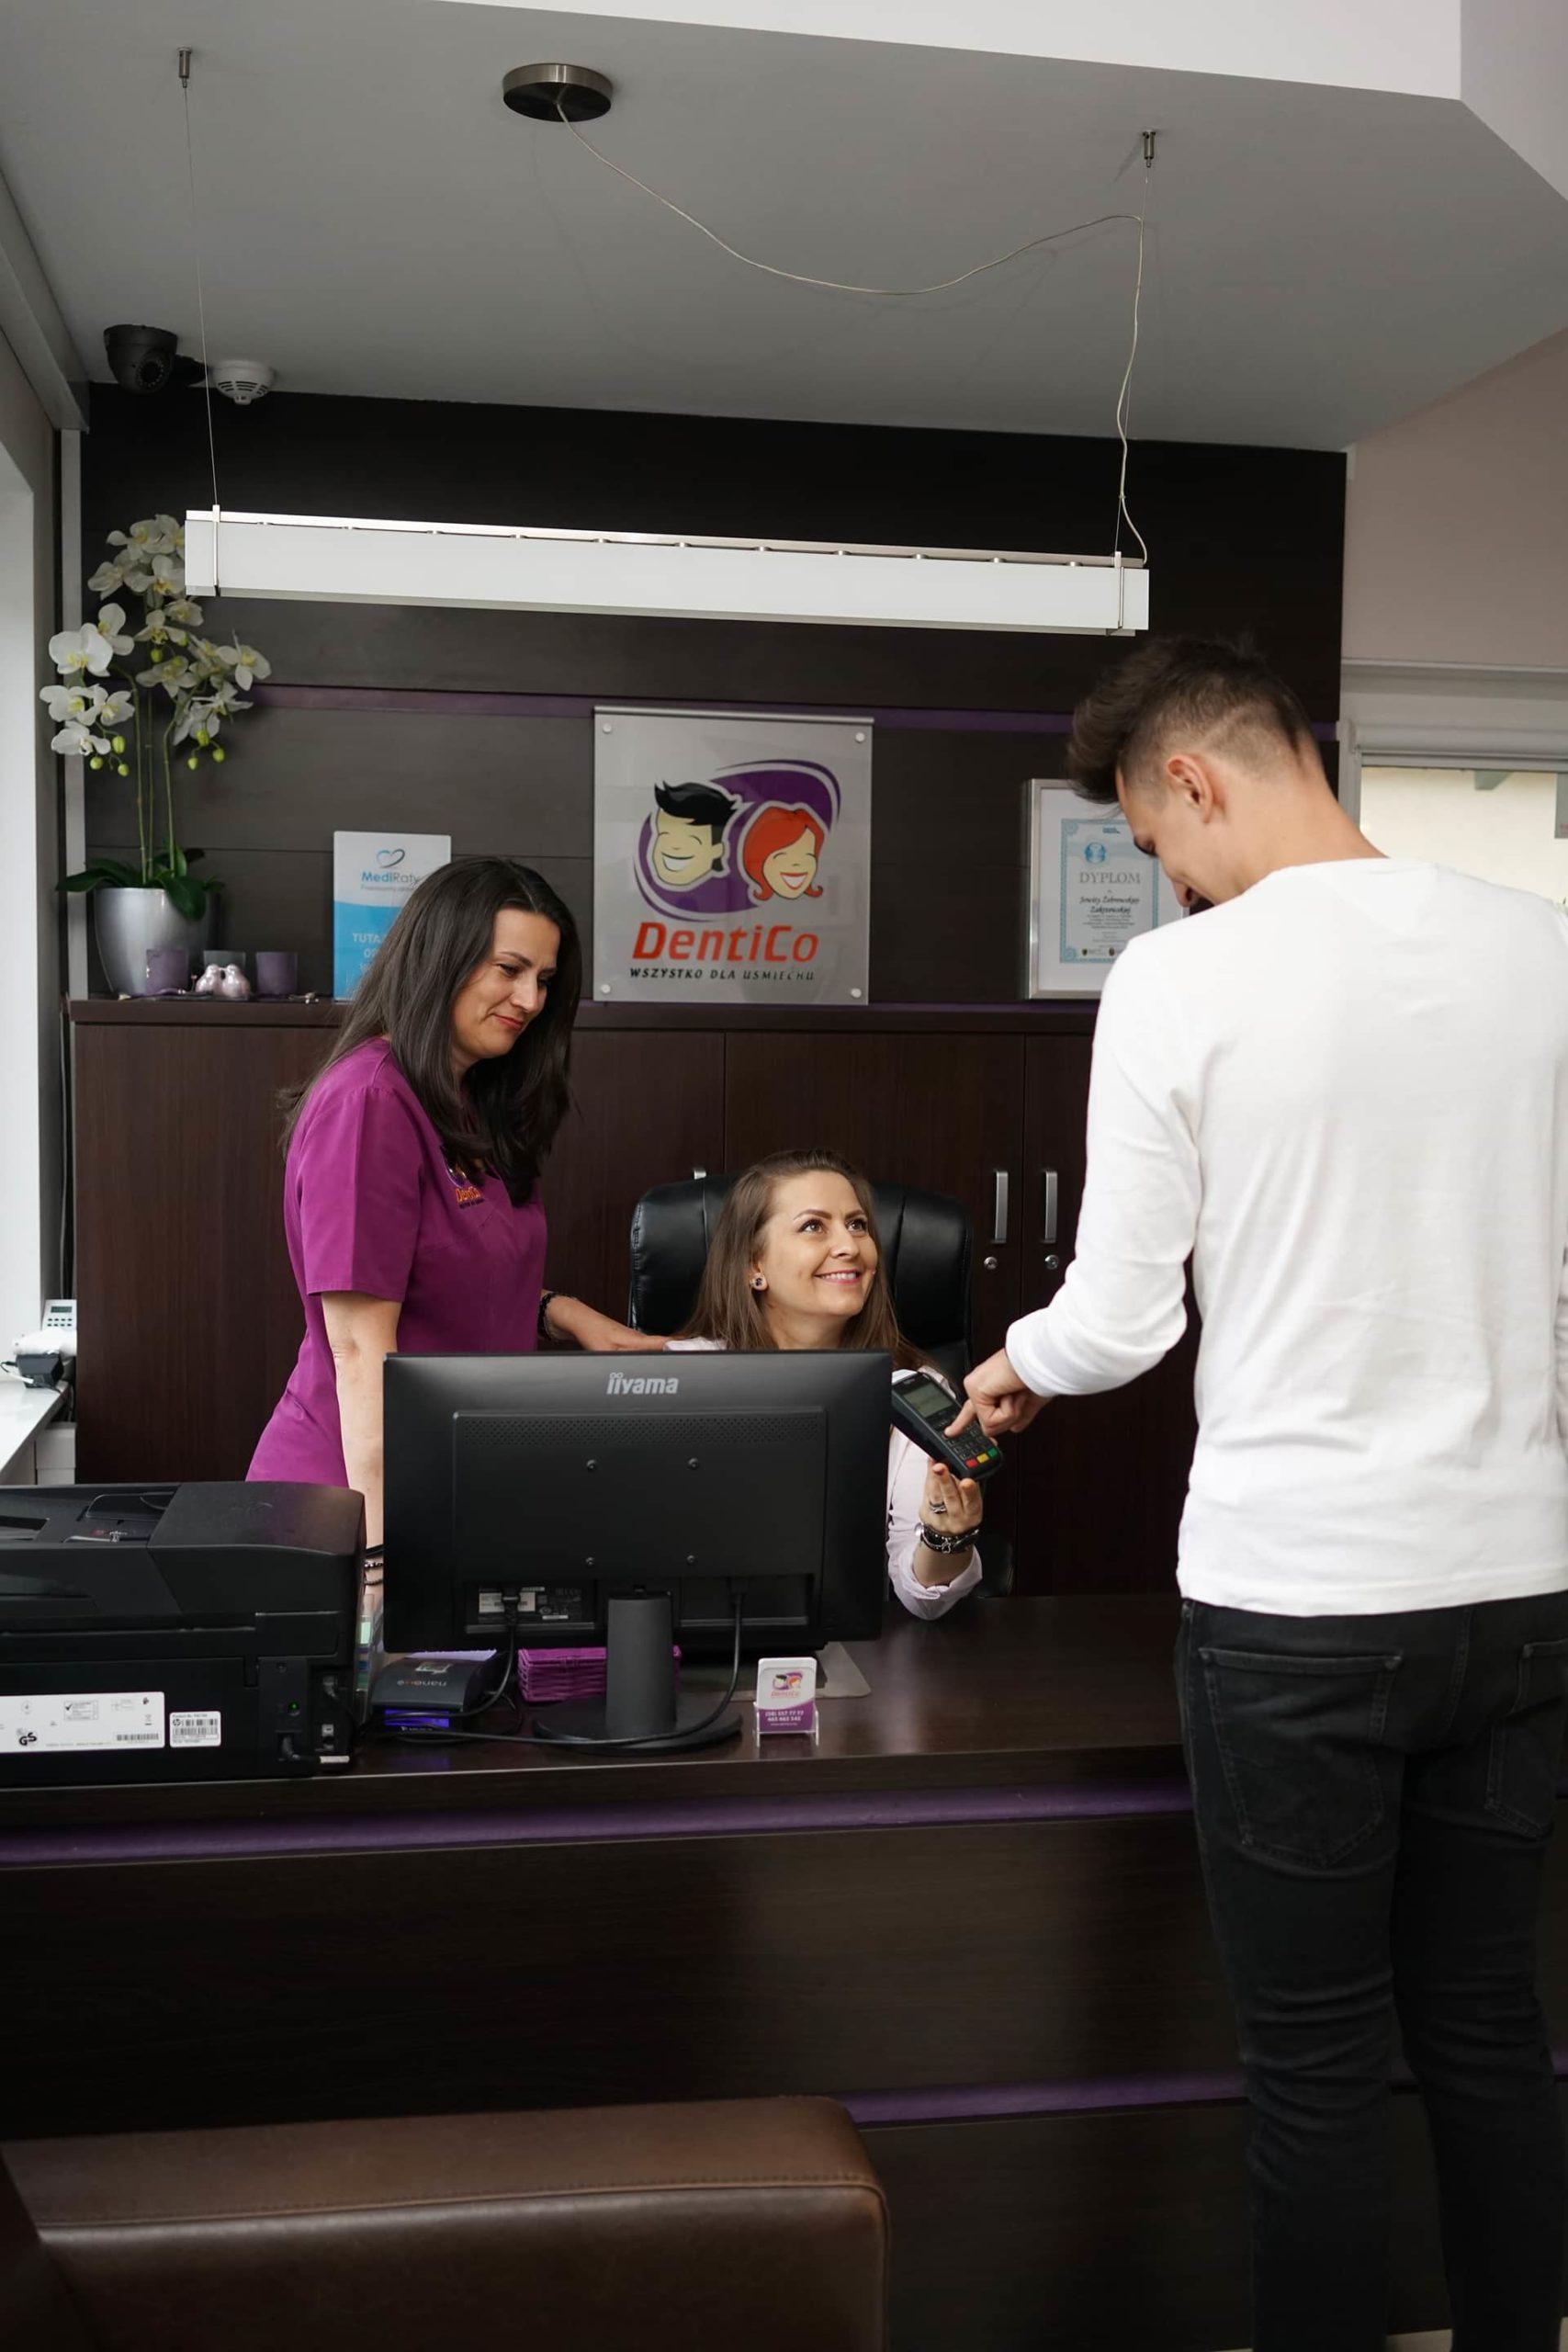 Finansowanie leczenia Rejestracja stomatolog Dentico zdsc02165 10 scaled